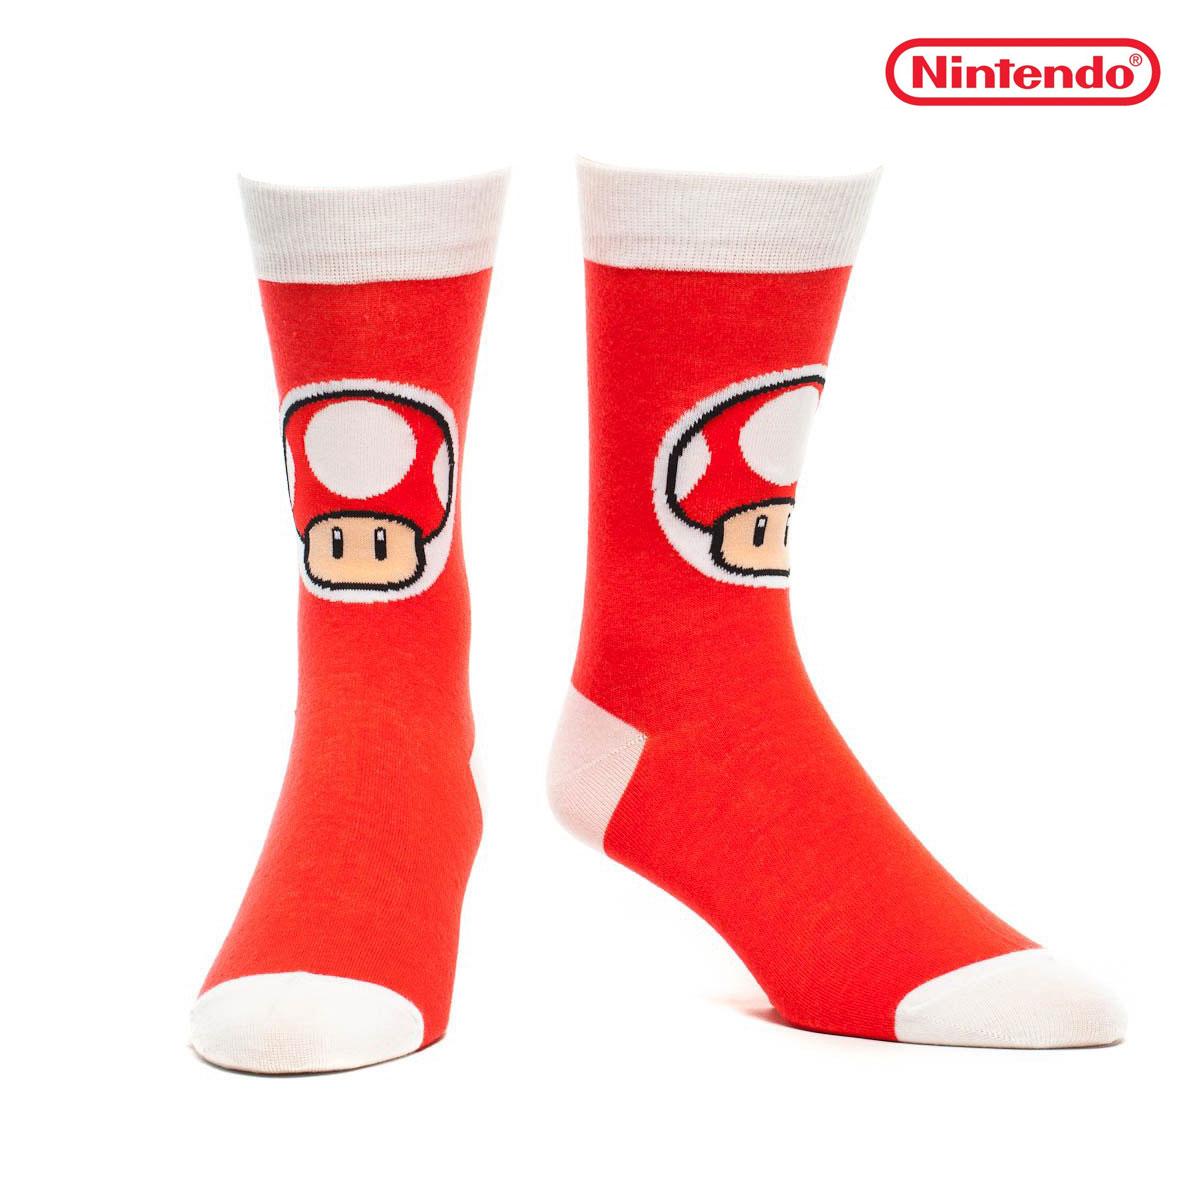 Nintendo Mushroom<br> Toad socks<br>Variations: